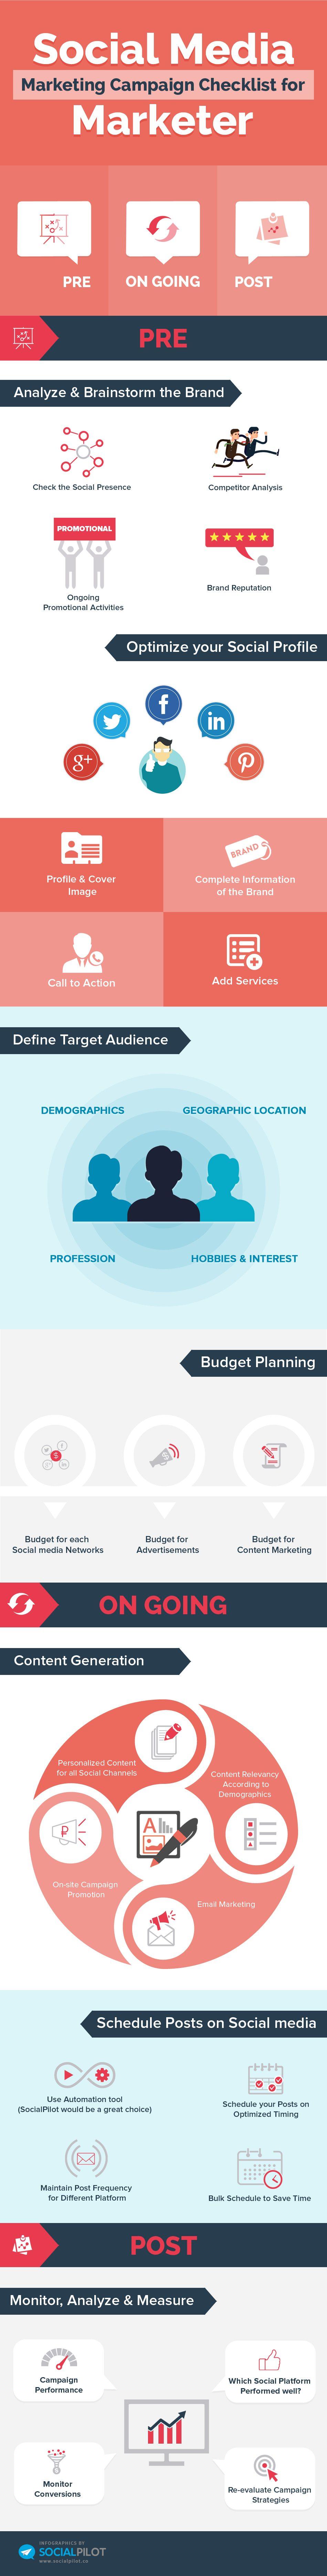 20 Langkah Sukses Untuk Merencanakan Dan Mengukur Strategi Media Sosial (Infografis)